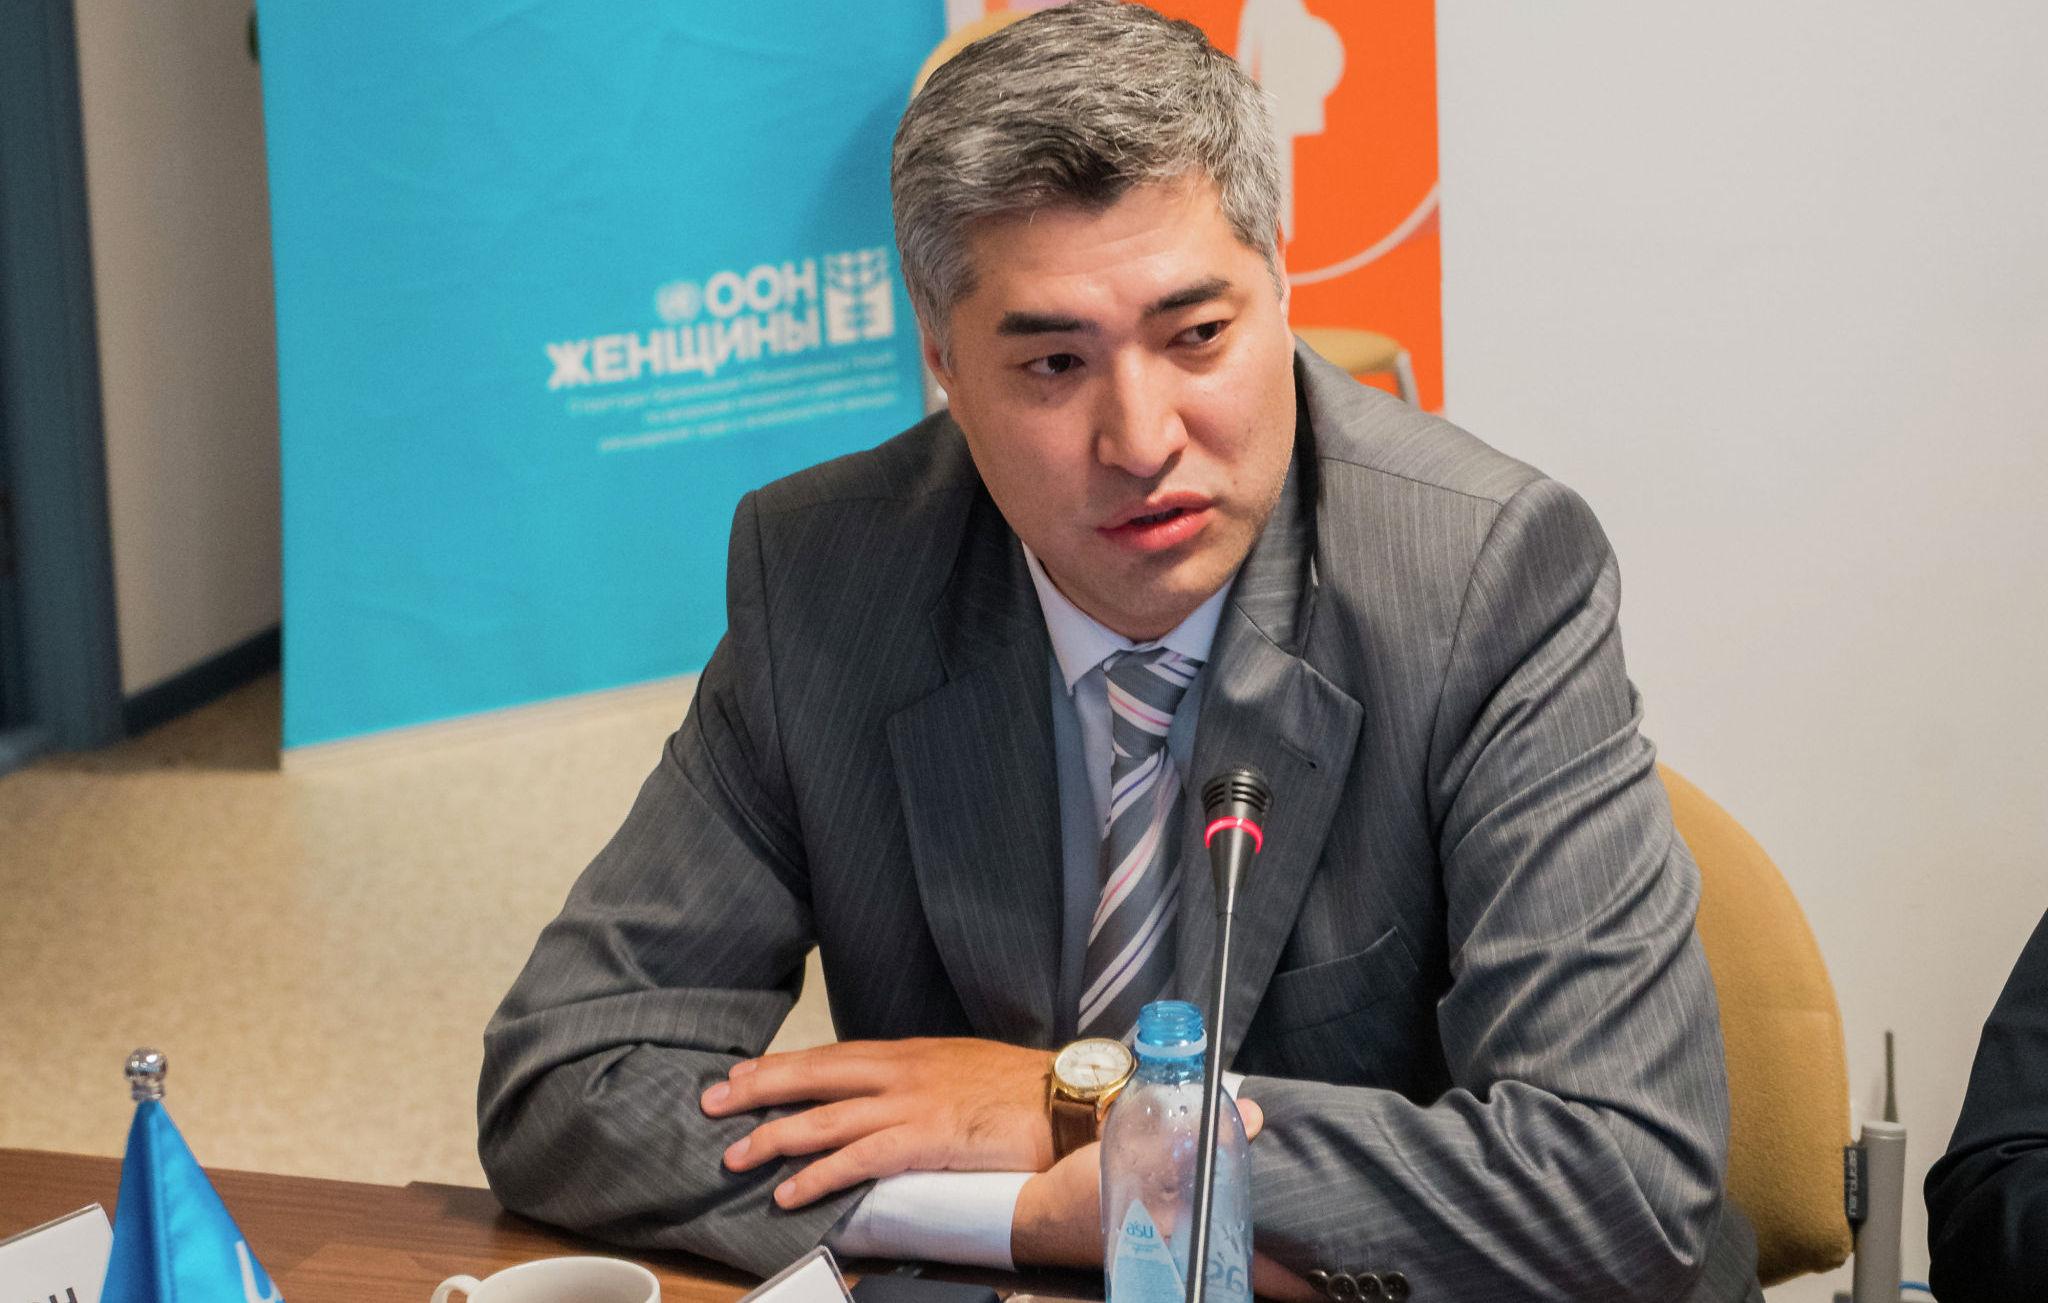 Юрист Медет Усеров: Я позитивный папа